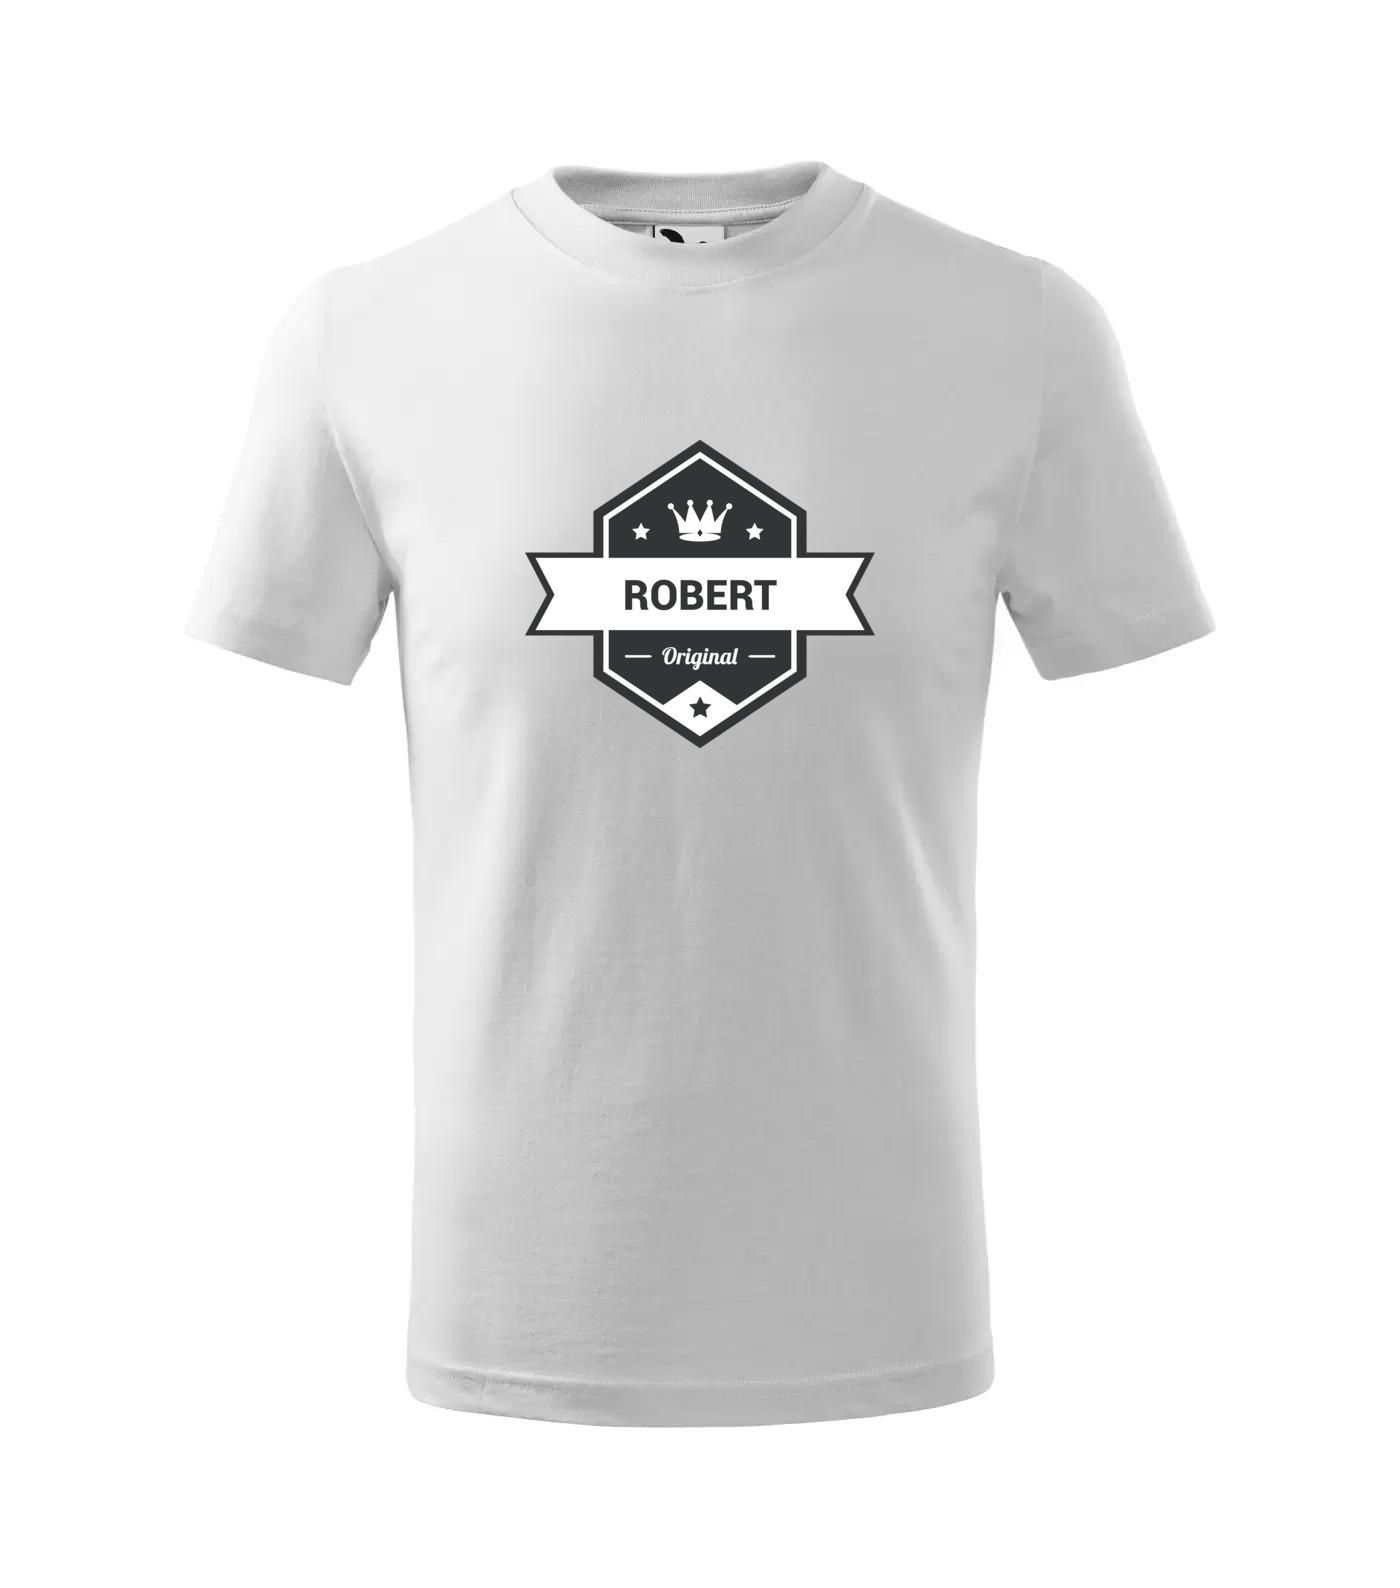 Tričko King Robert